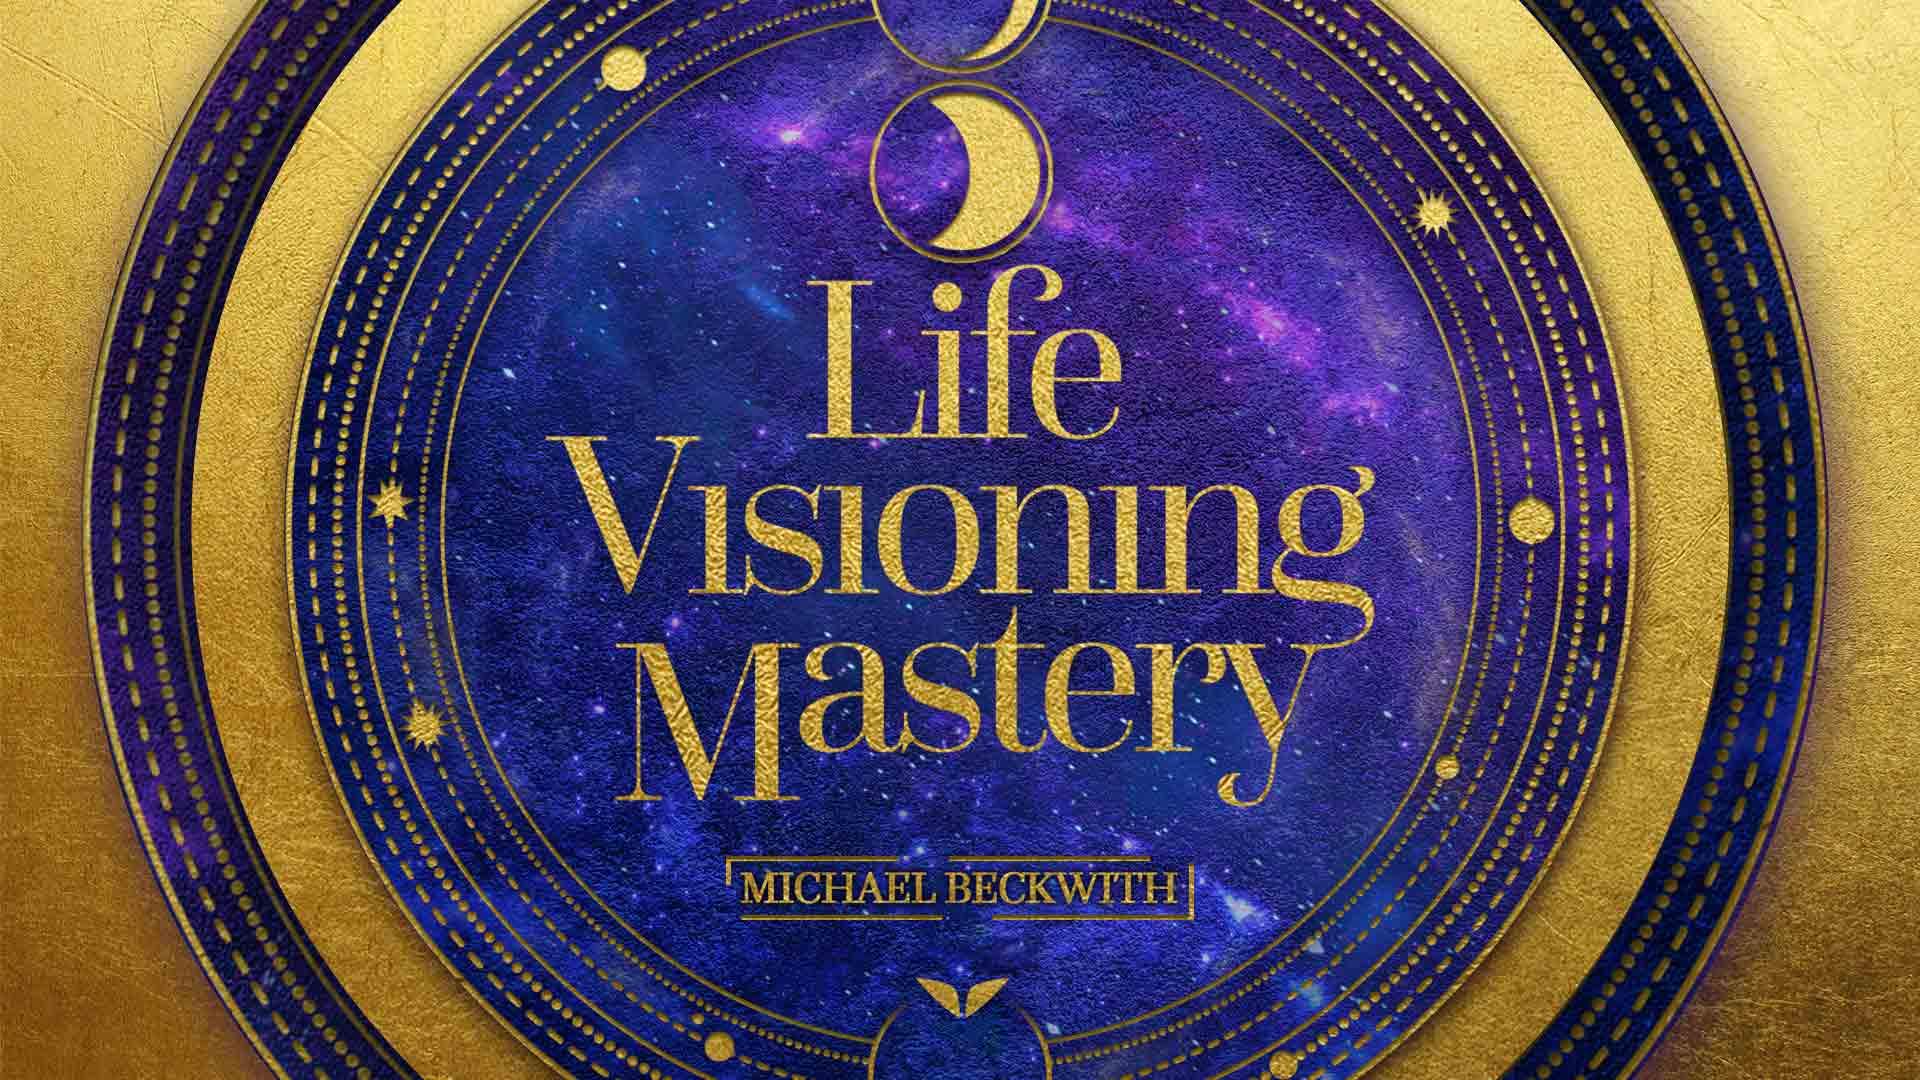 Life Visioning Mastery